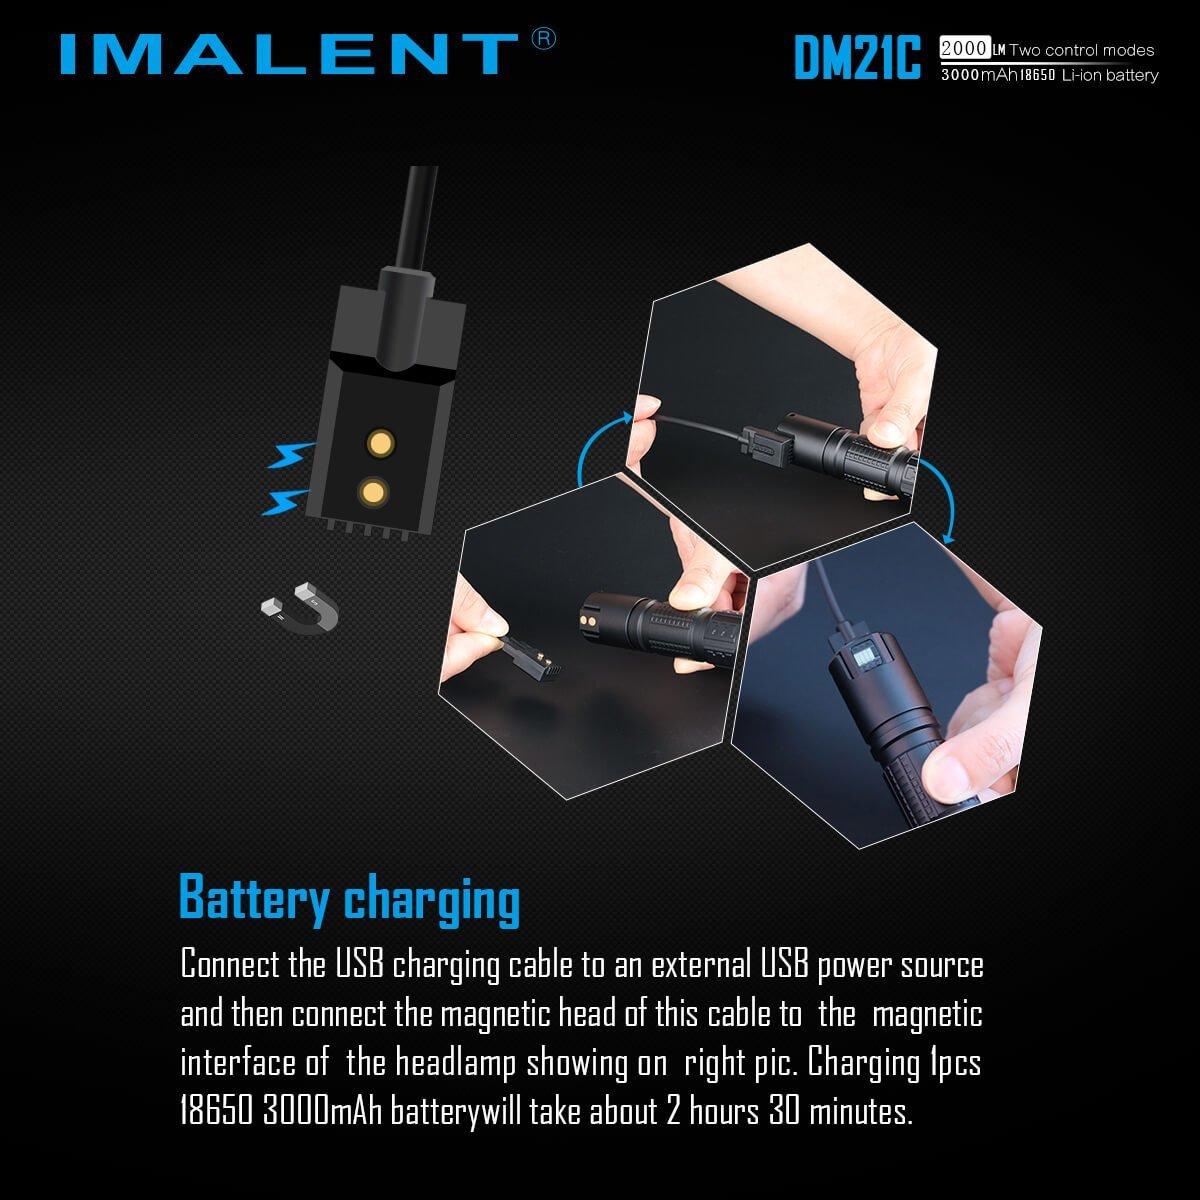 Imalent DM21C